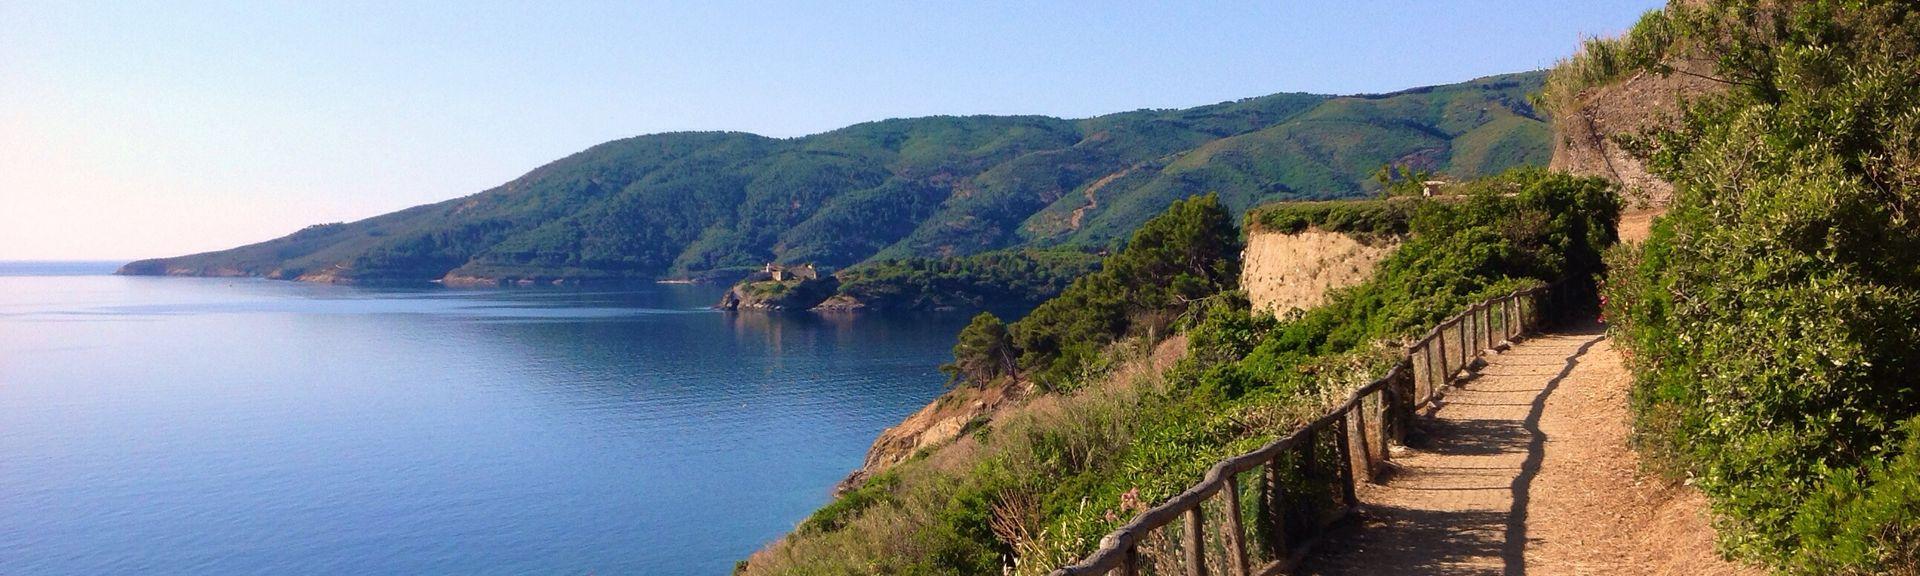 Île d'Elbe, Toscane, Italie